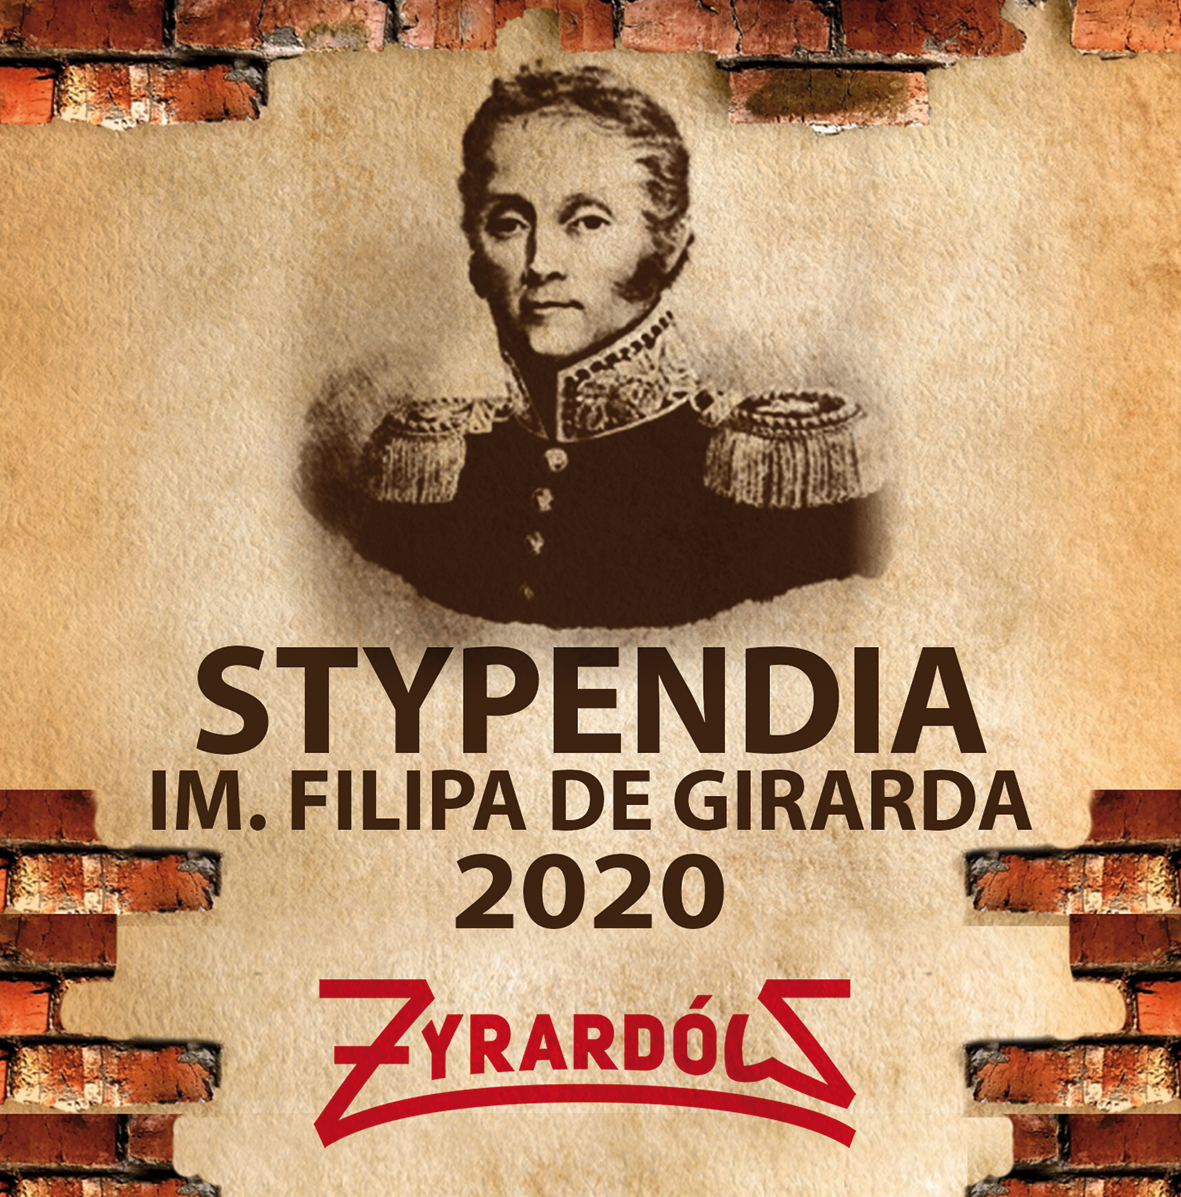 grafika promująca stypendia Fipipa de Girarda